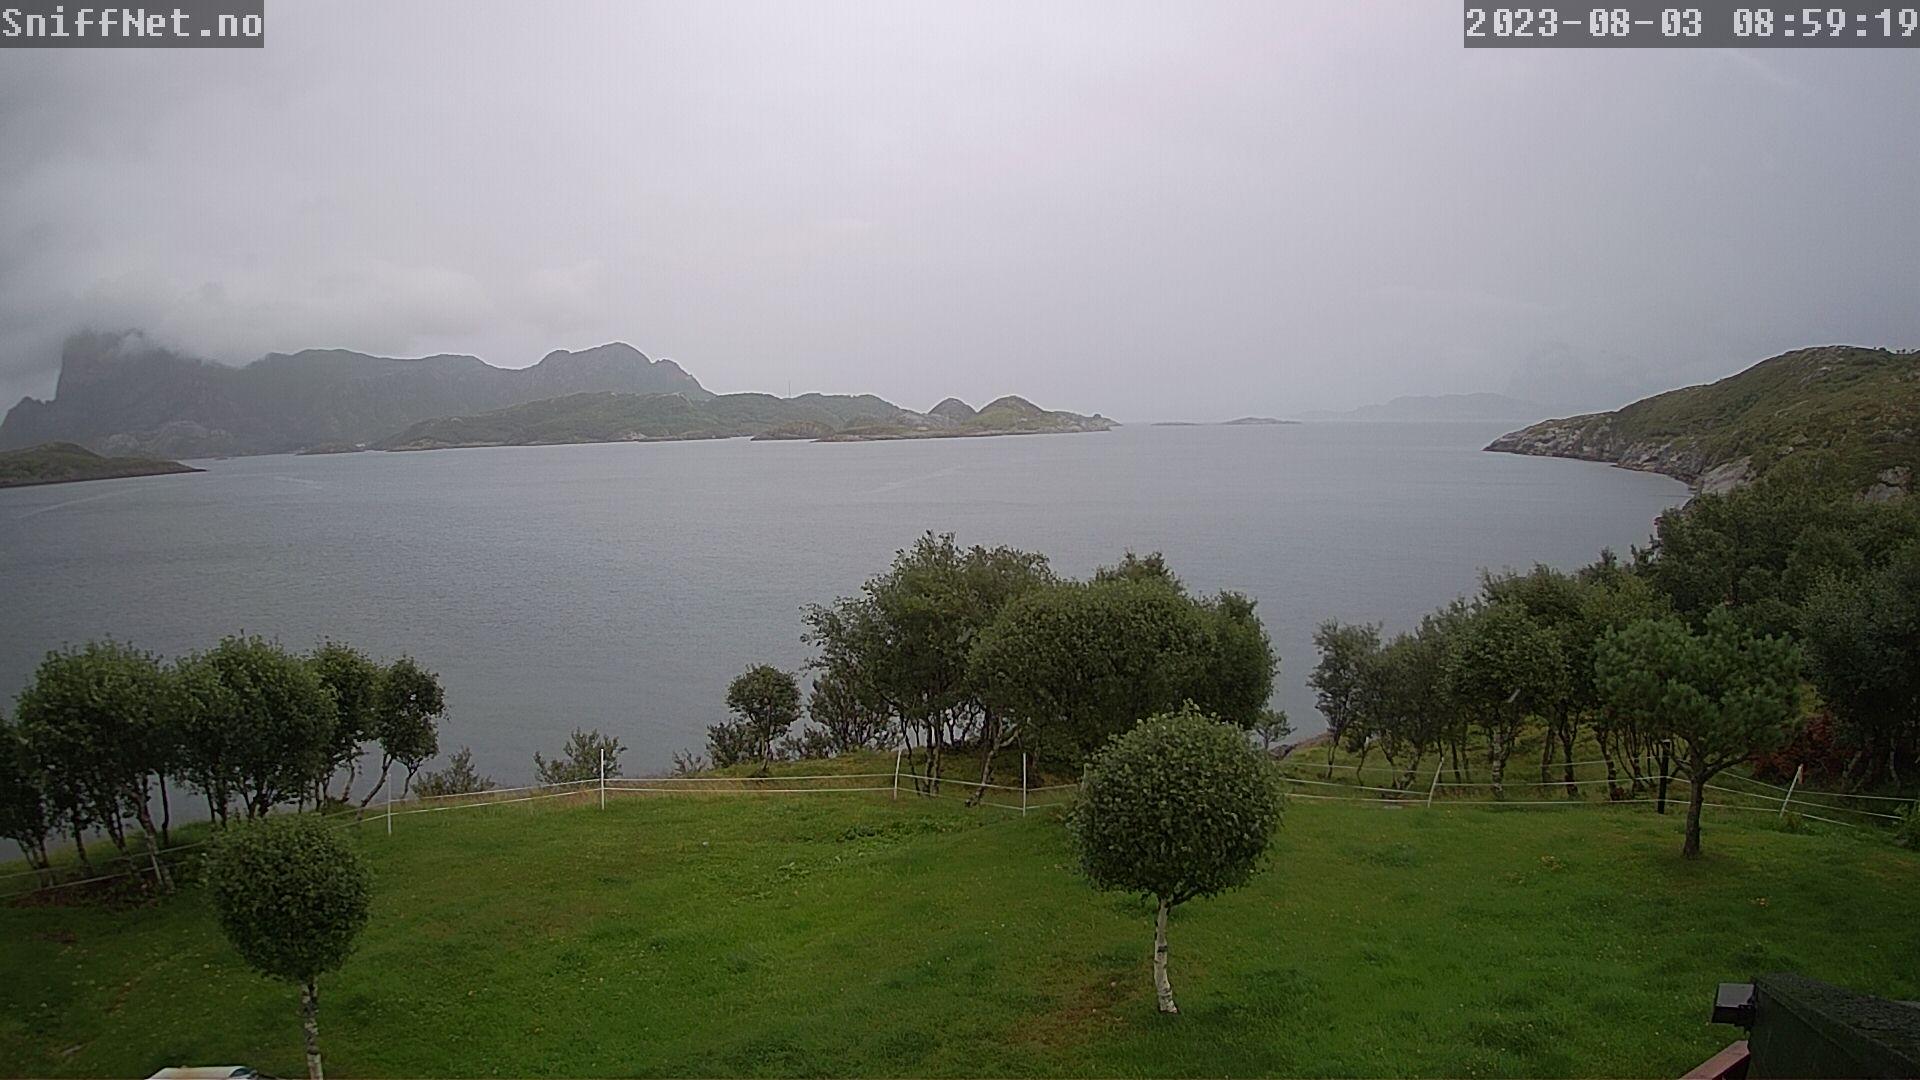 Webkamera2